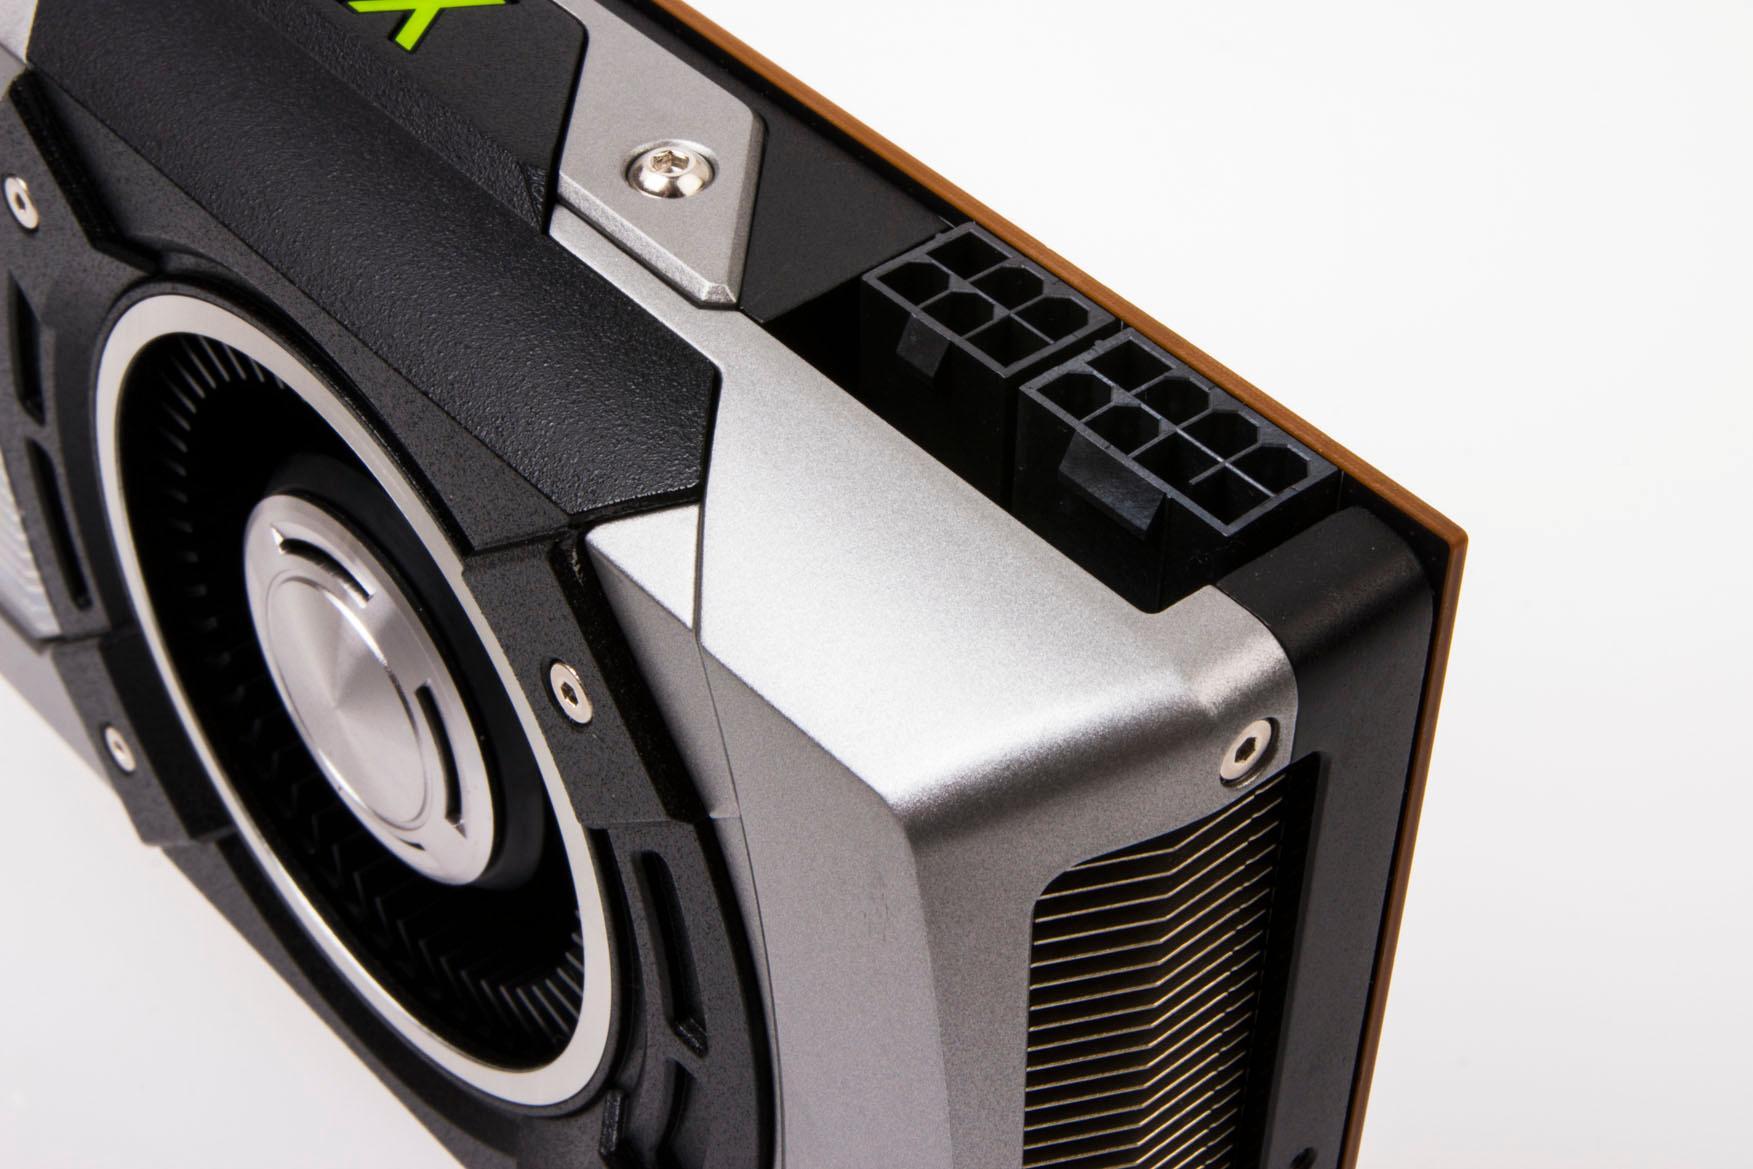 Akkurat som storebror GTX 780, får GeForce GTX 770 strøm fra en 6-pins og en 8-pins PCI-e-kontakt.Foto: Varg Aamo, Hardware.no